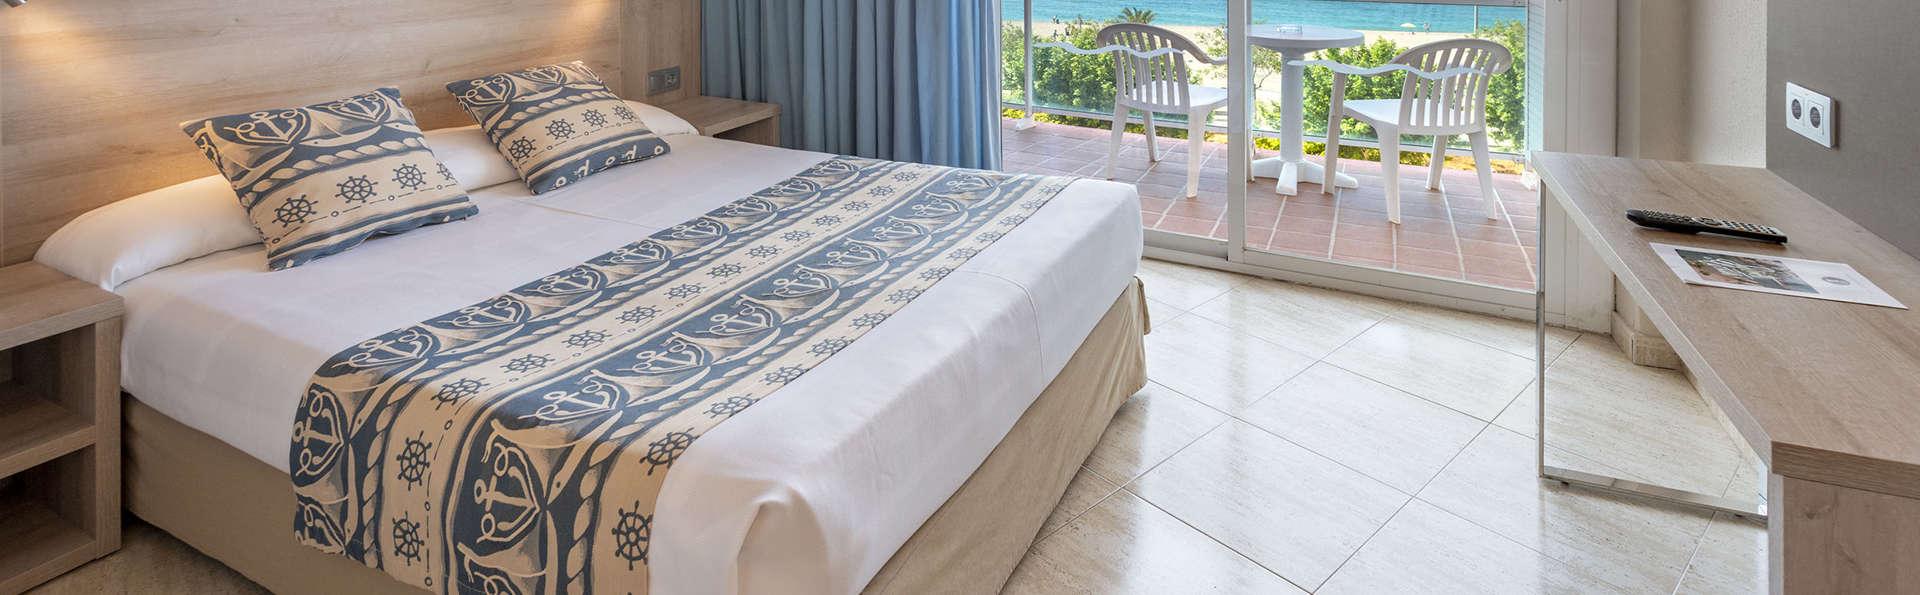 Oferta en Calella: con media pensión y mucho más en habitación con vistas al mar